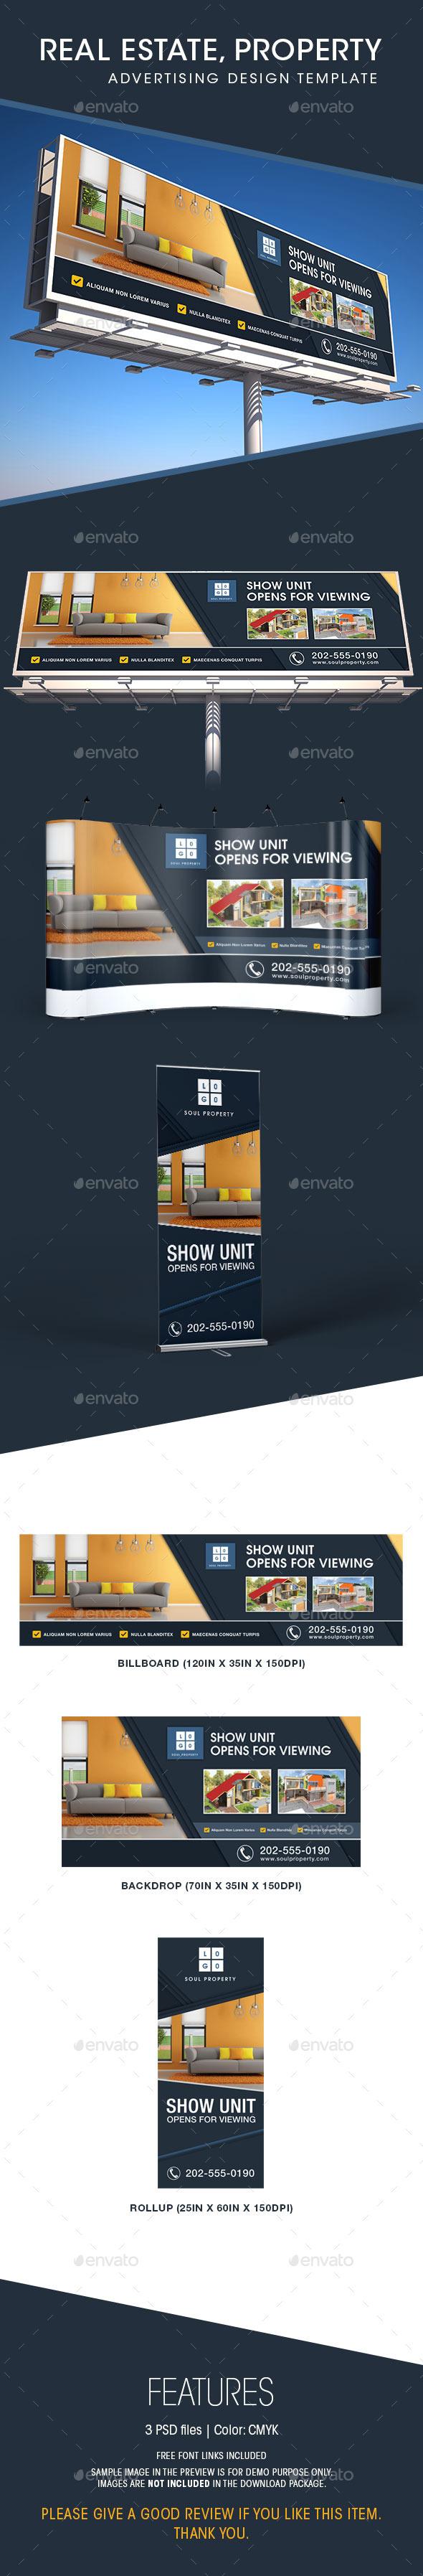 GraphicRiver Real Estate Billboard Backdrop & Rollup Design 11580370